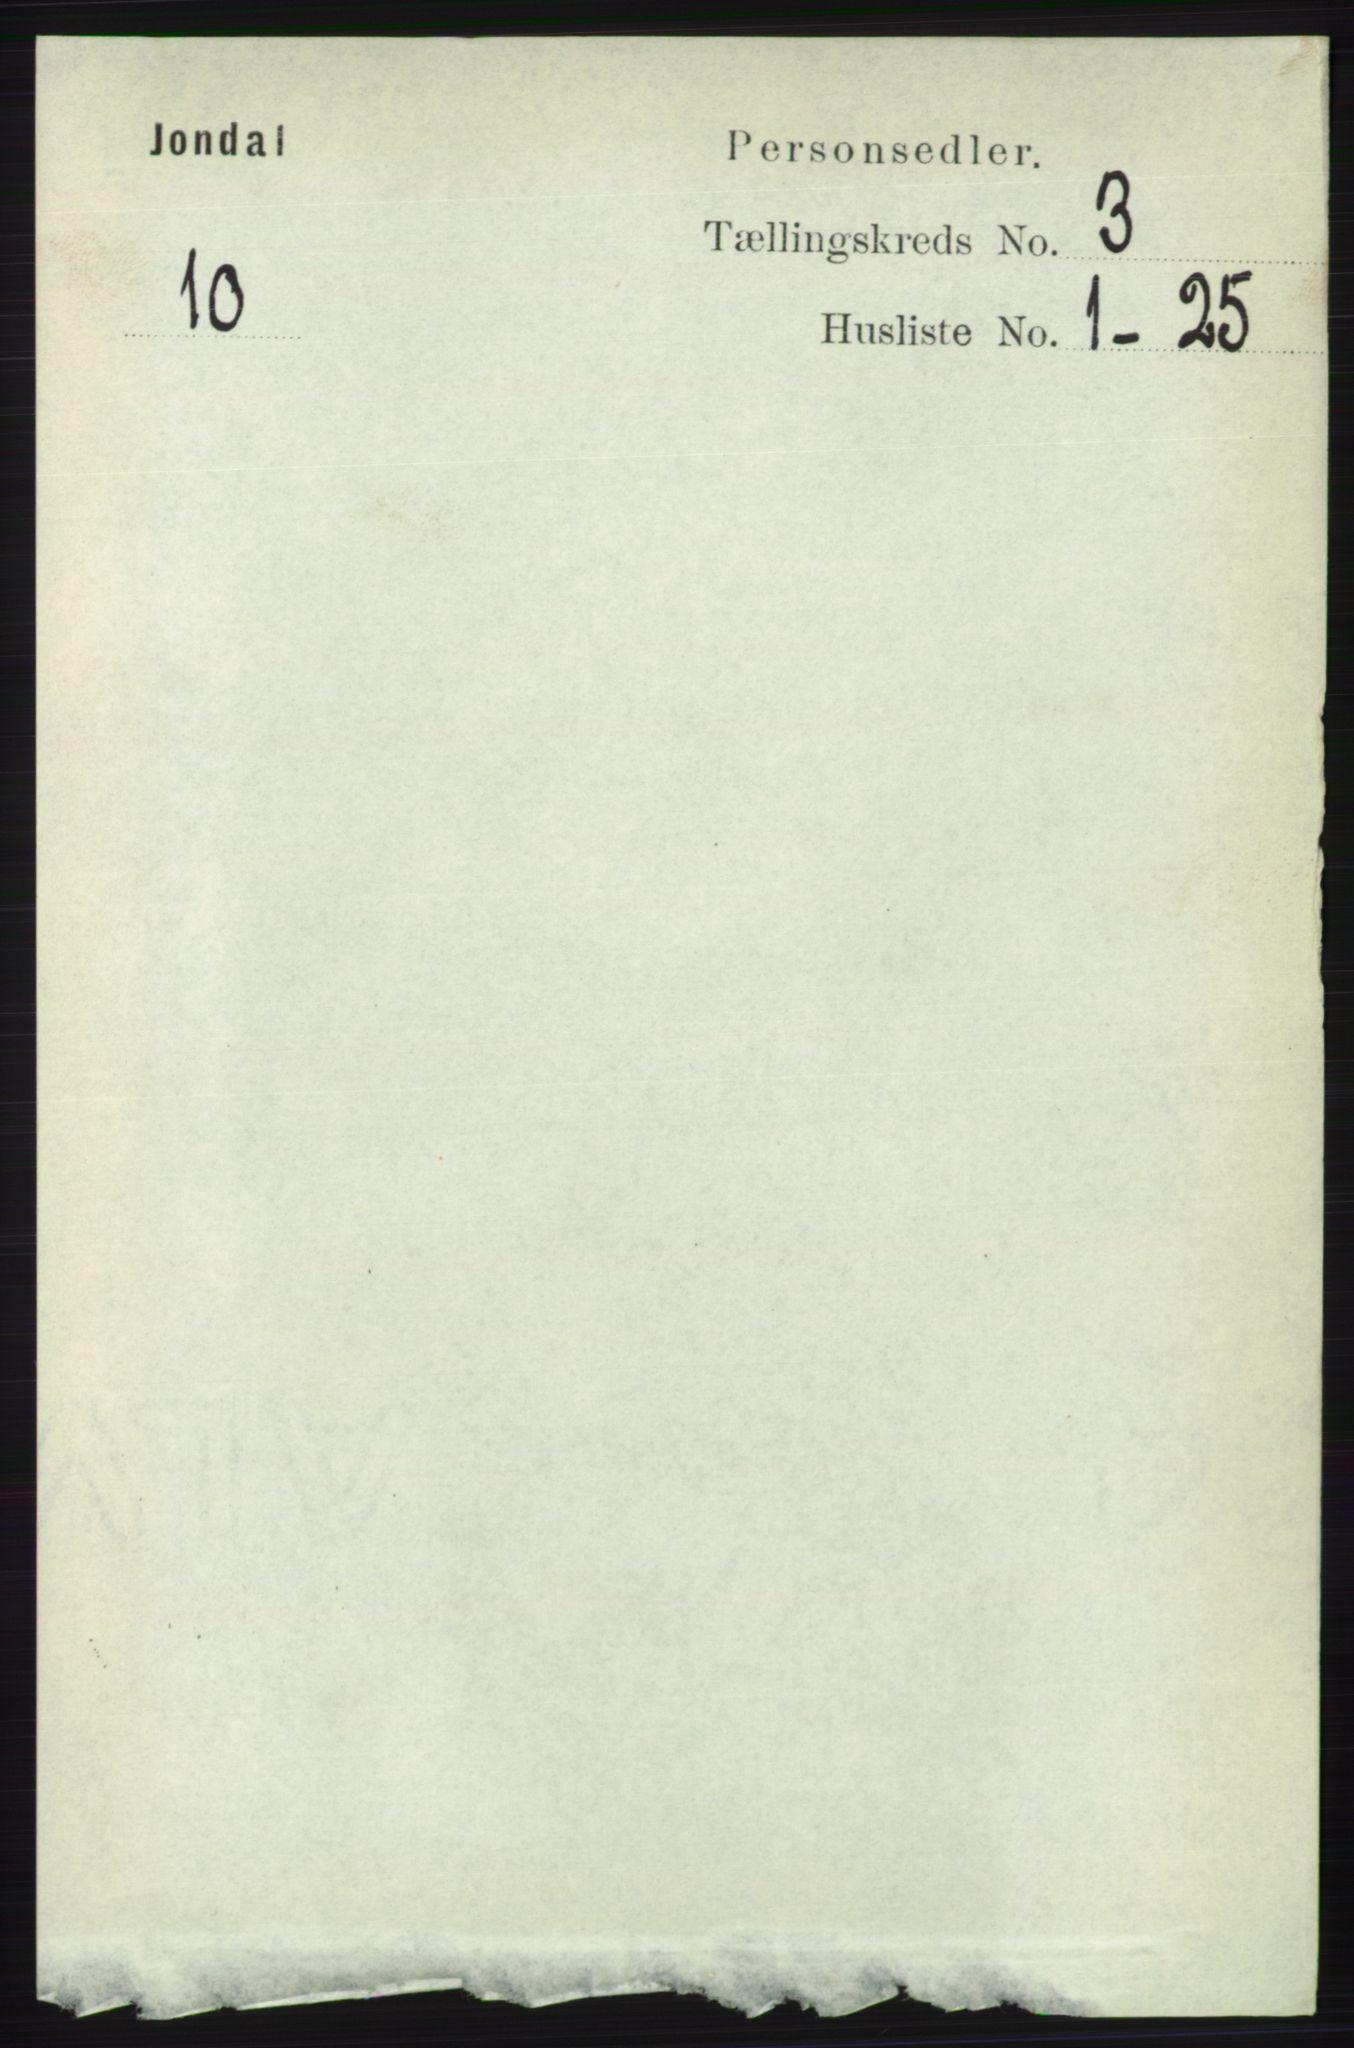 RA, Folketelling 1891 for 1227 Jondal herred, 1891, s. 1299